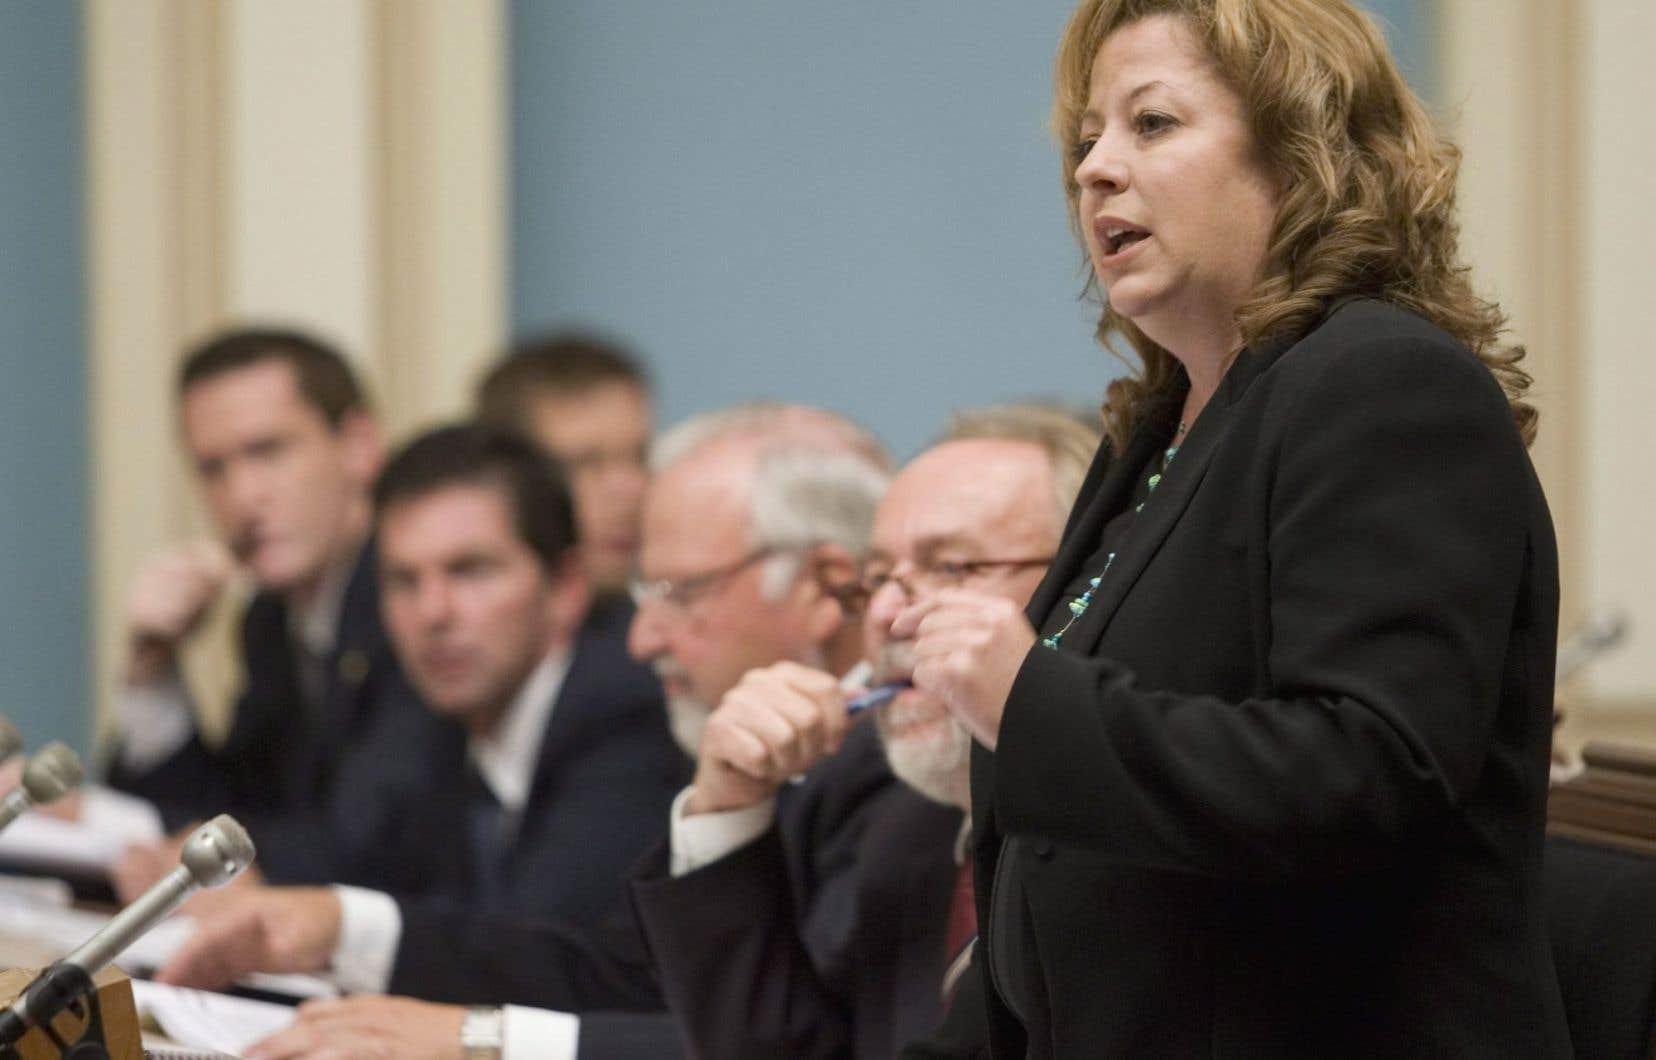 Sylvie Roy, photographiée en 2009, alors qu'elle occupait le poste de chef intérimaire de feu l'Action démocratique du Québec.